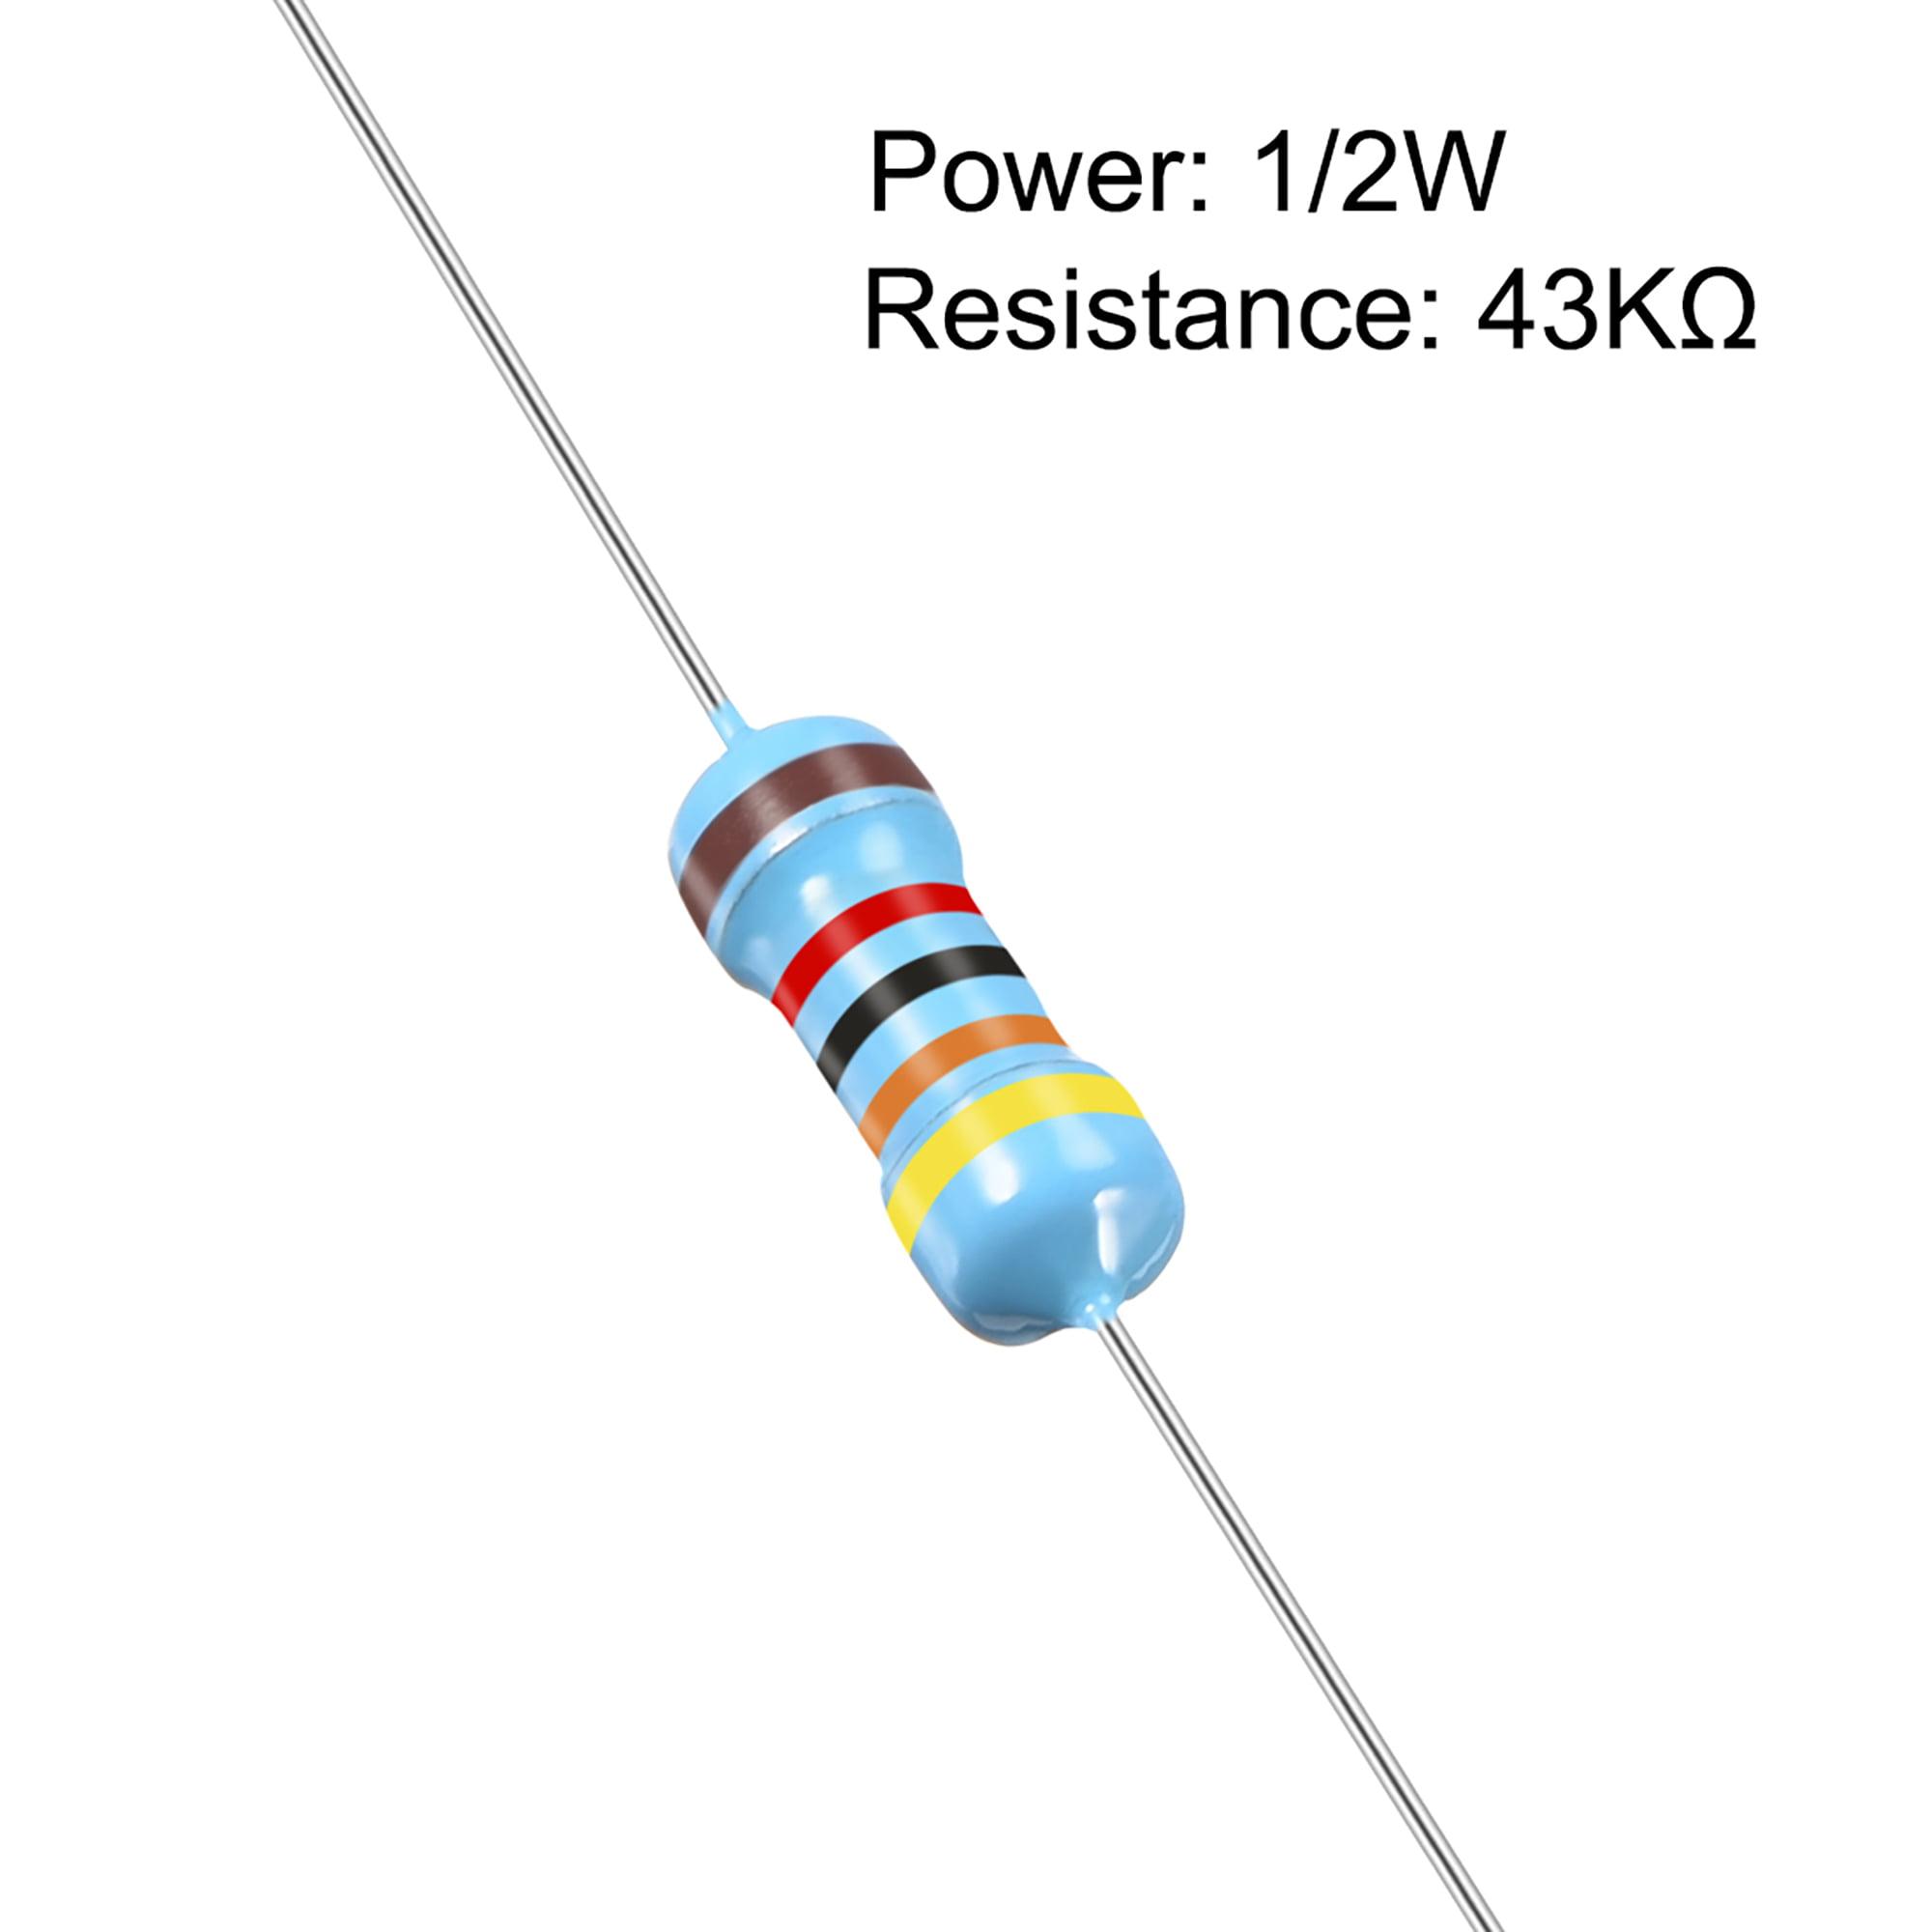 50 pcs Metal Film Resistors 43K Ohm 0.5W 1/2W 1% Tolerances 5 Color Bands - image 1 of 4